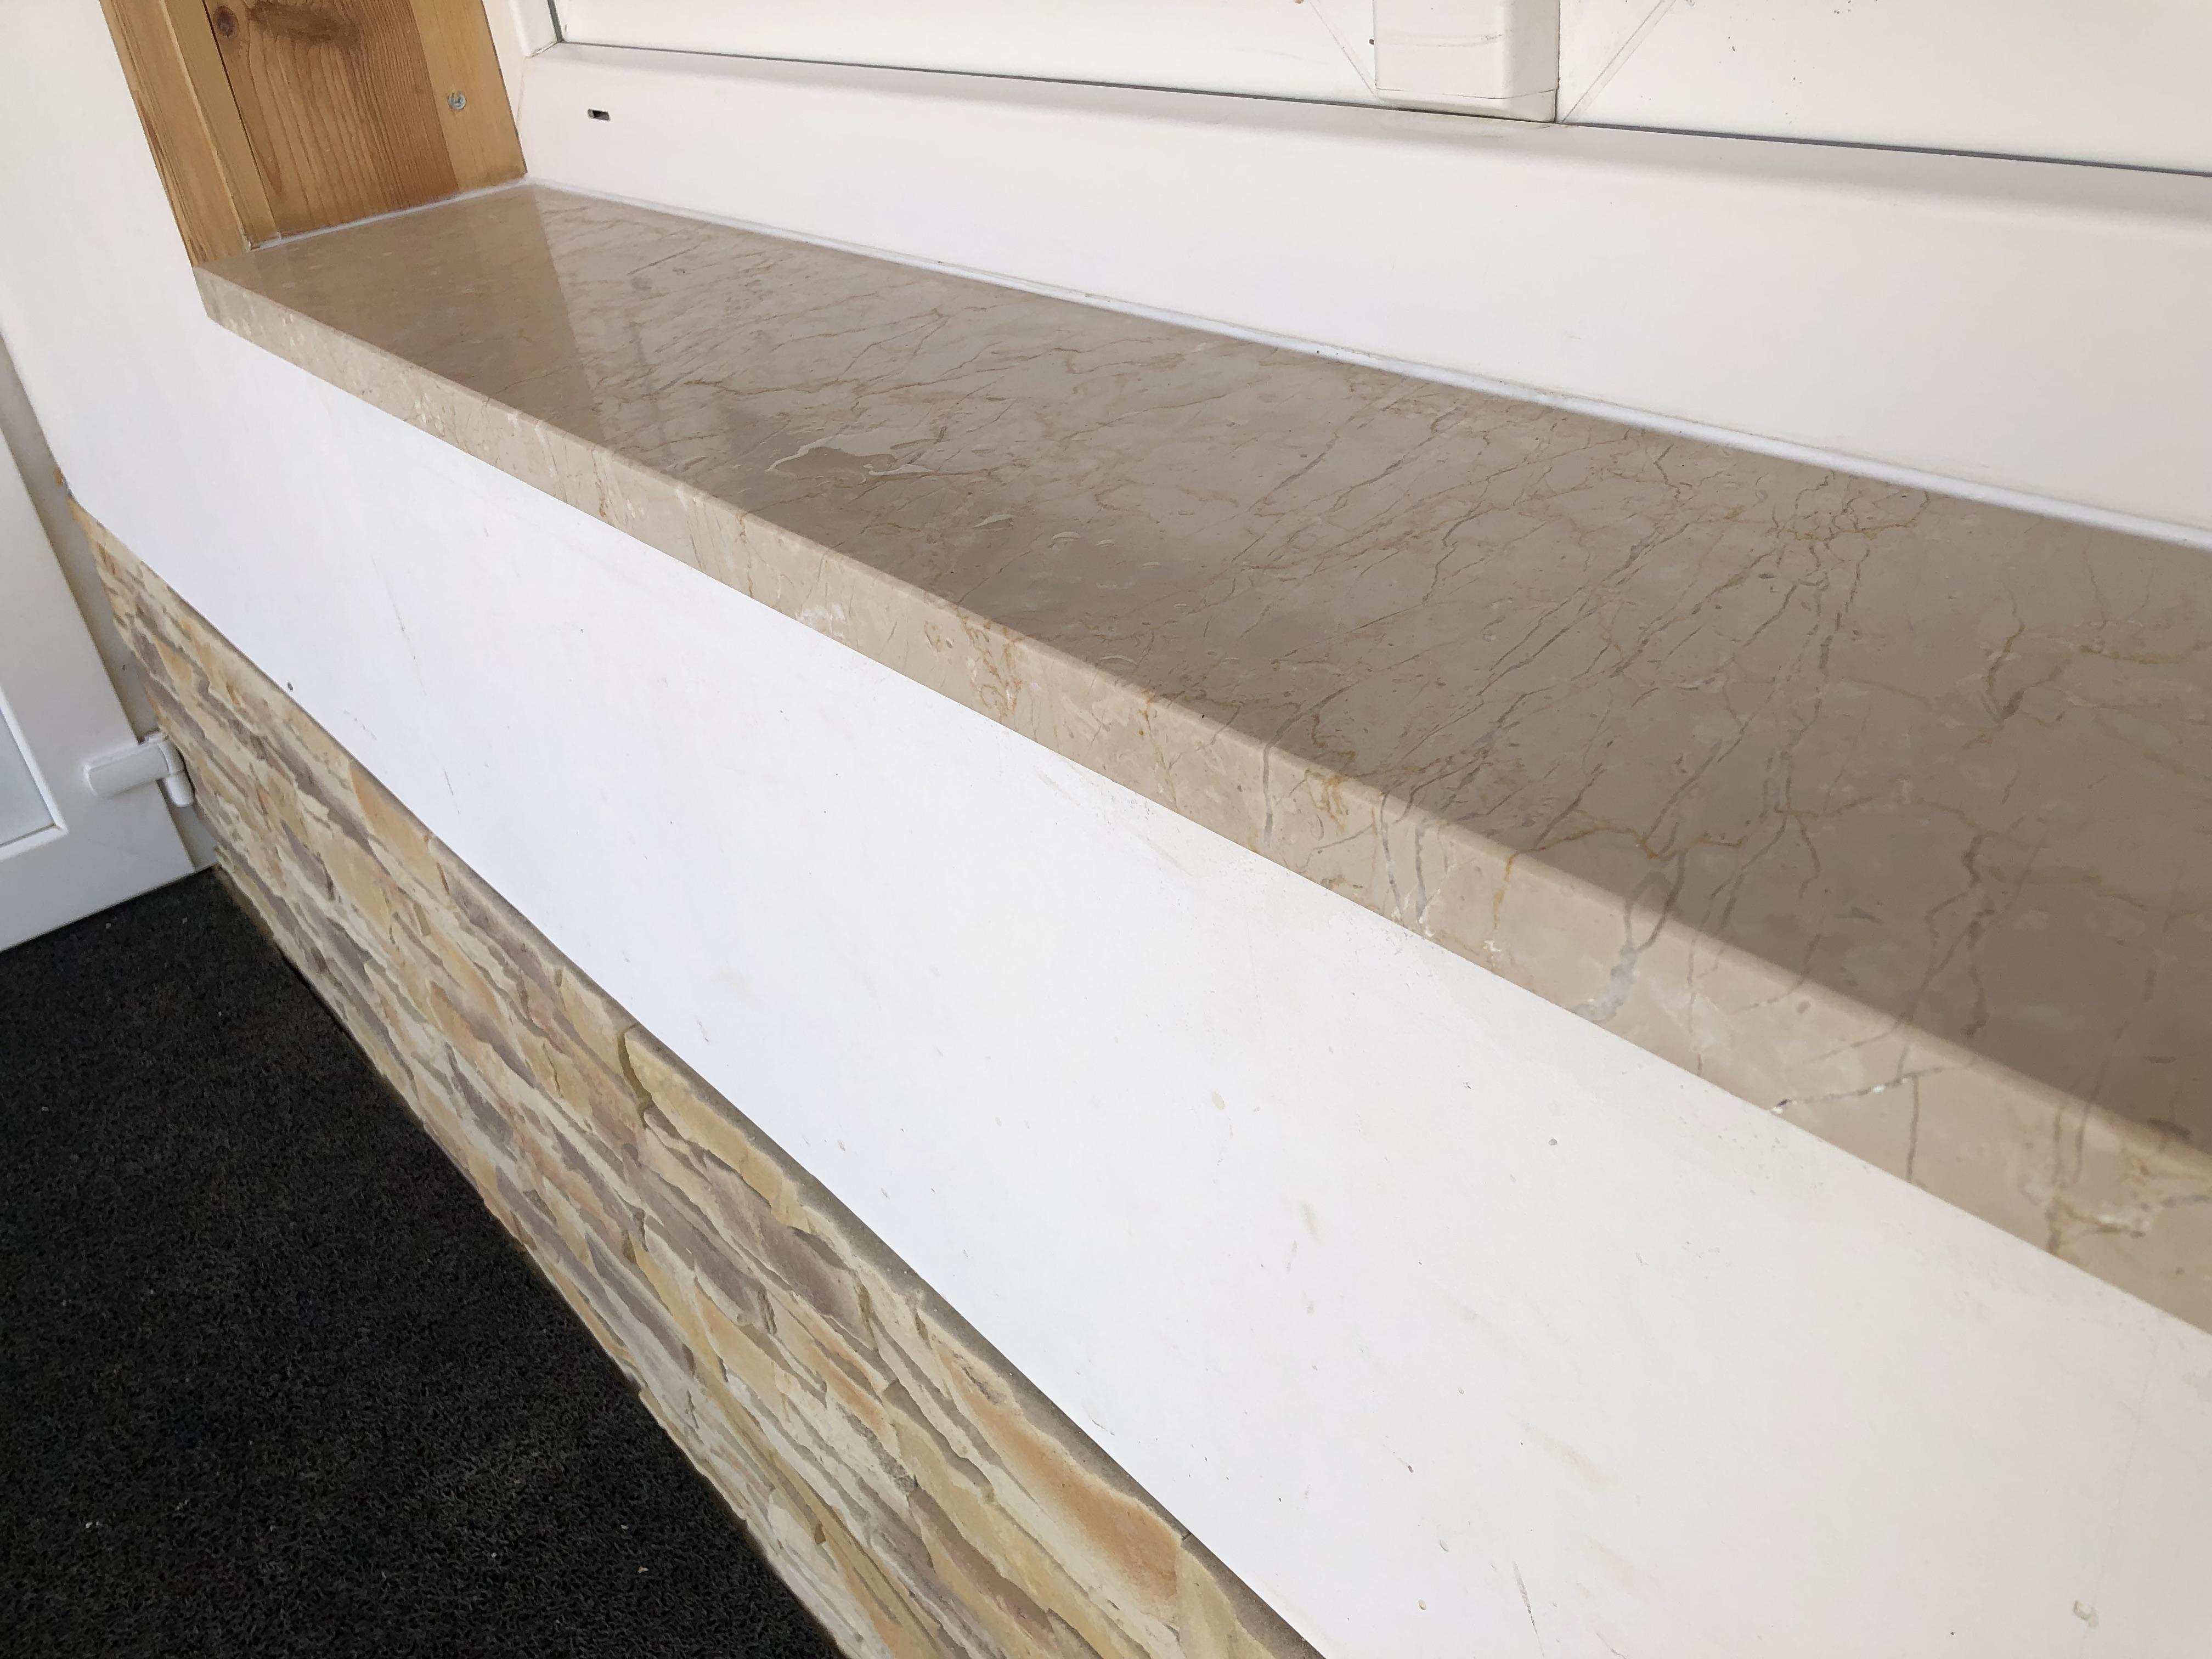 Botticino x3cm vastagság, selyemfényű felülettel, oldal és élmegmunkálással, igény esetén vízorbevágással!